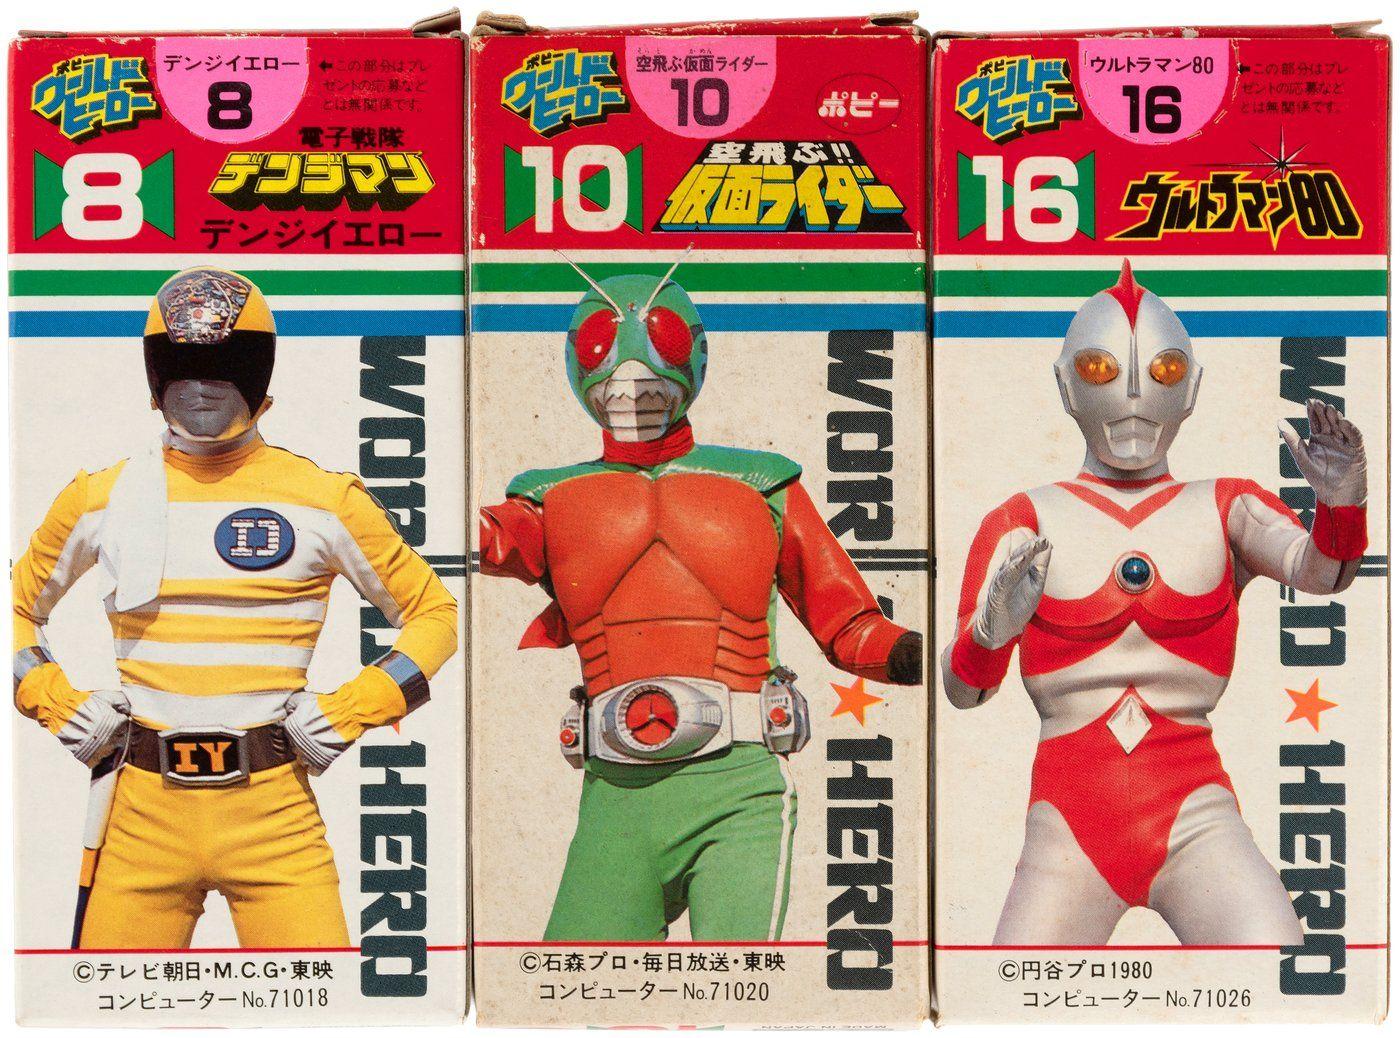 Popy World Hero Ultraman action figures